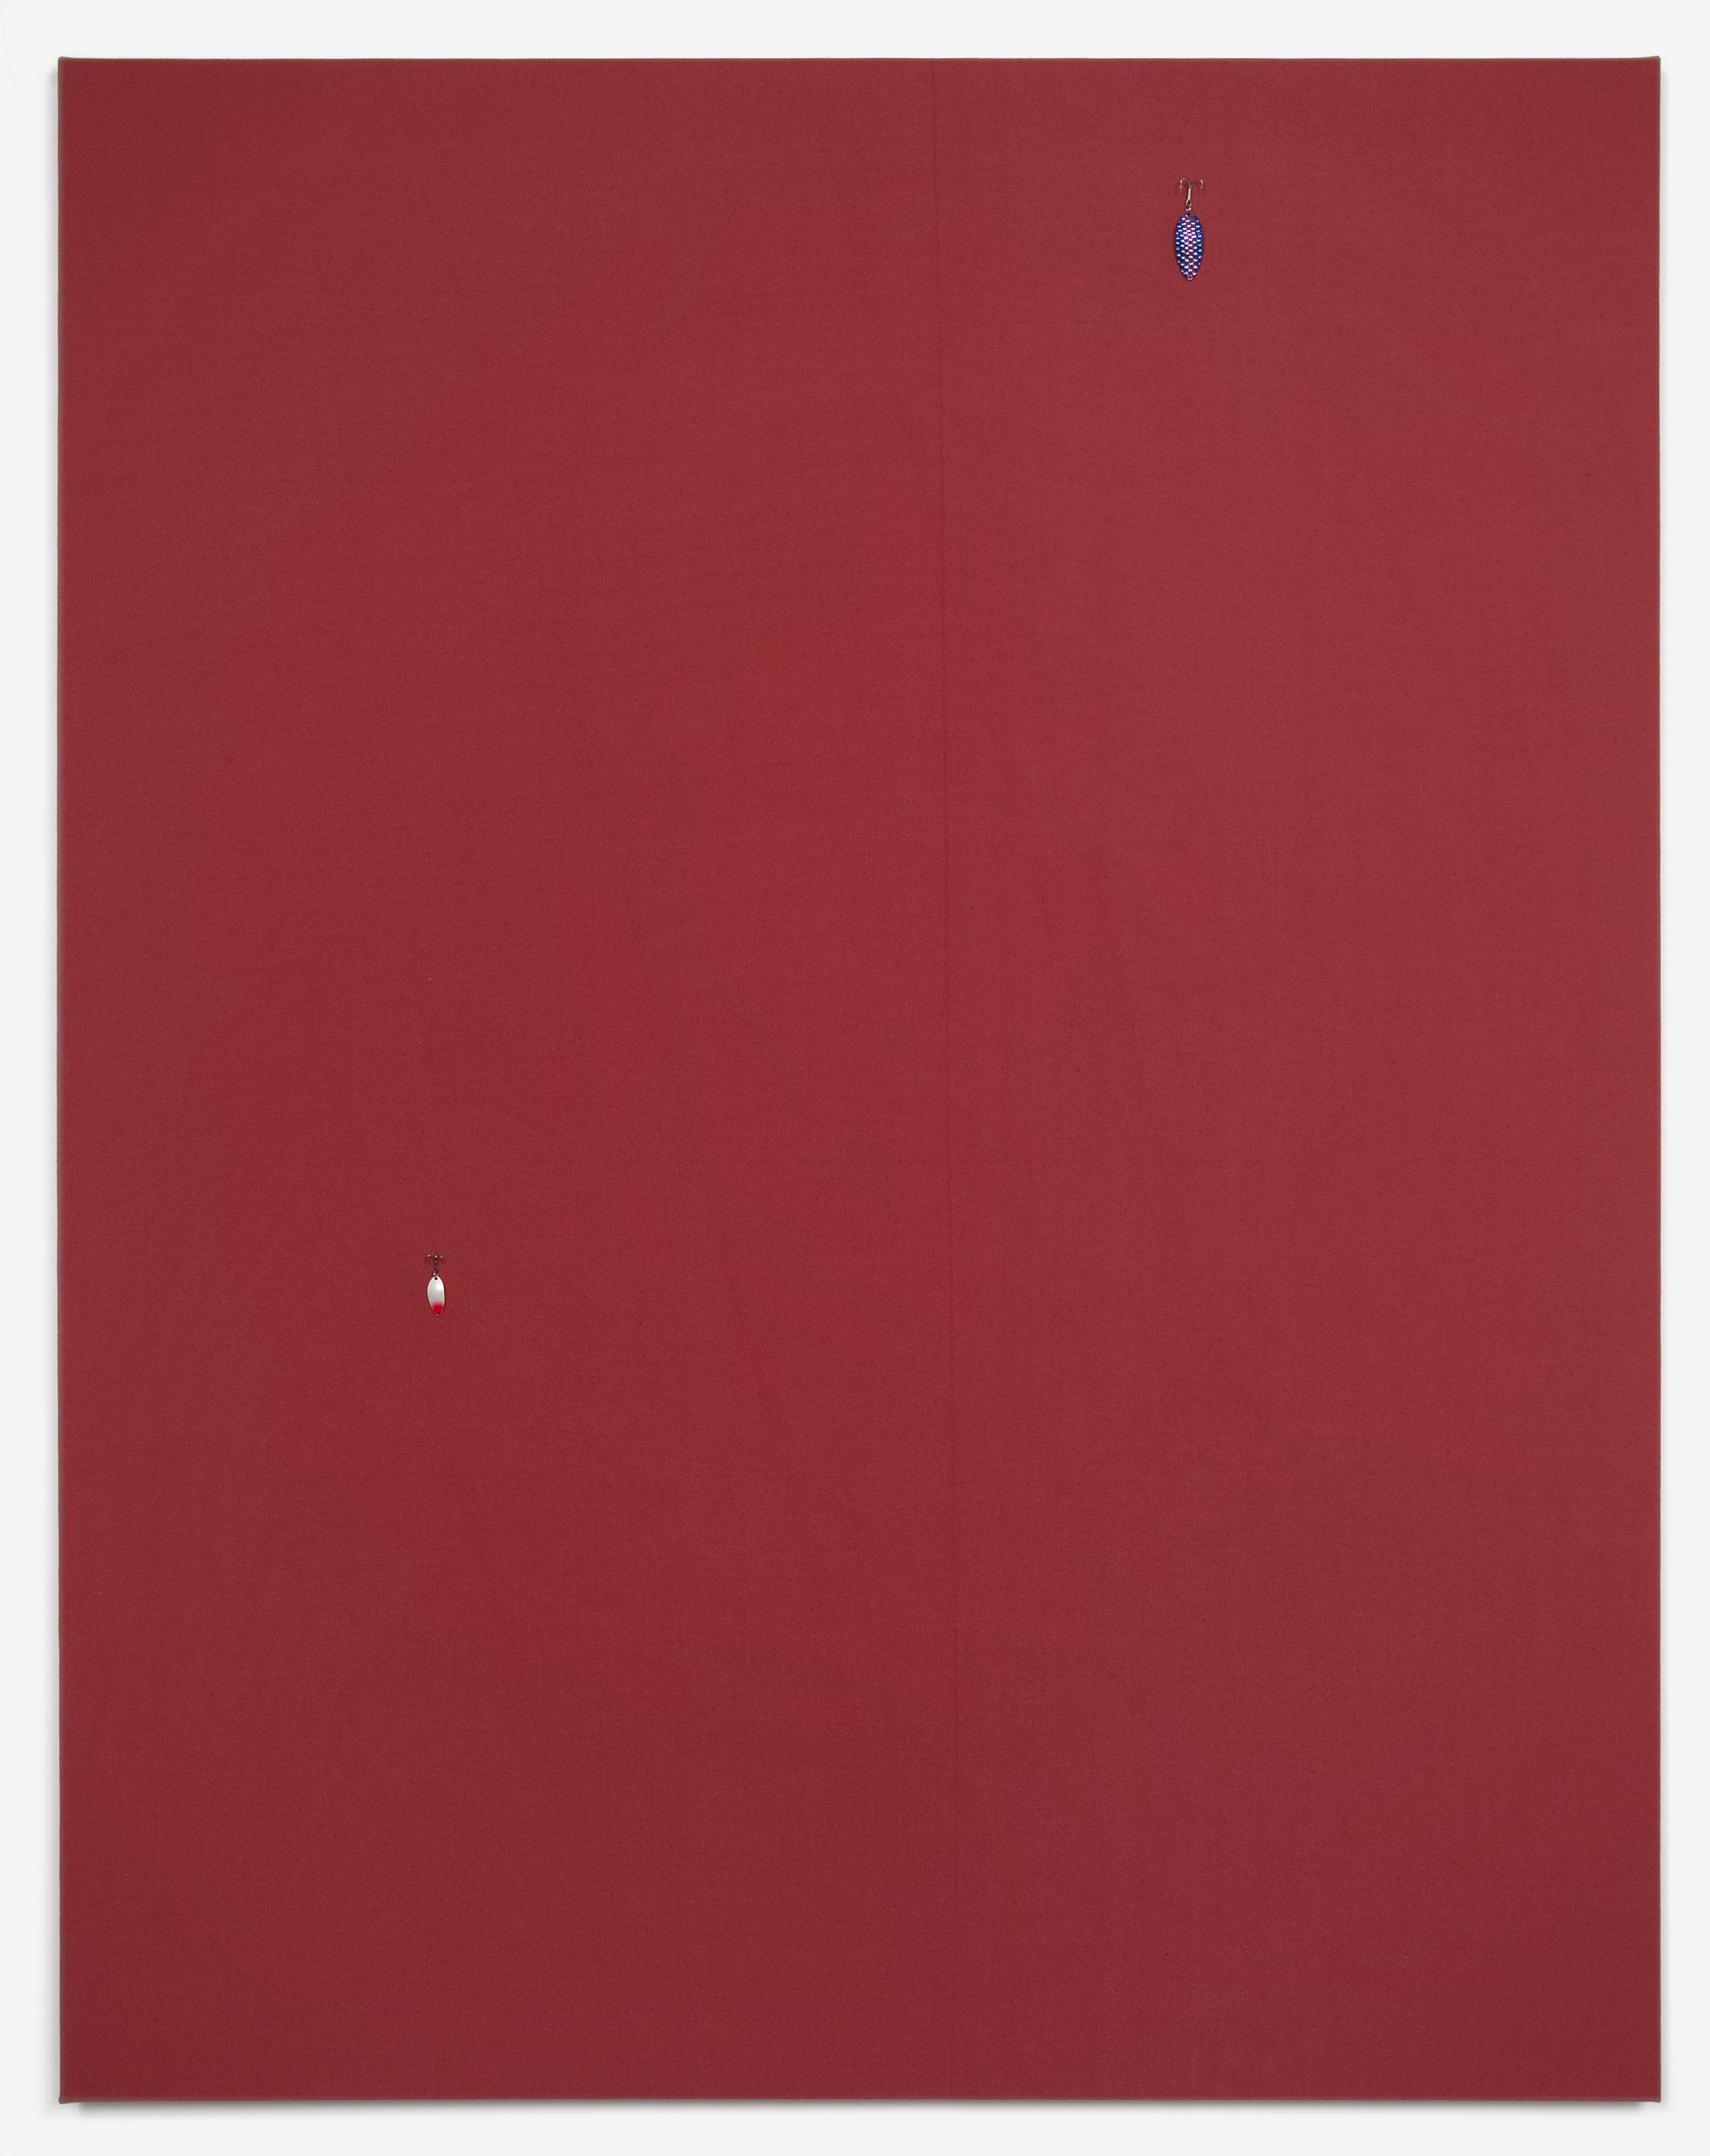 PAUL COWAN (B. 1985)